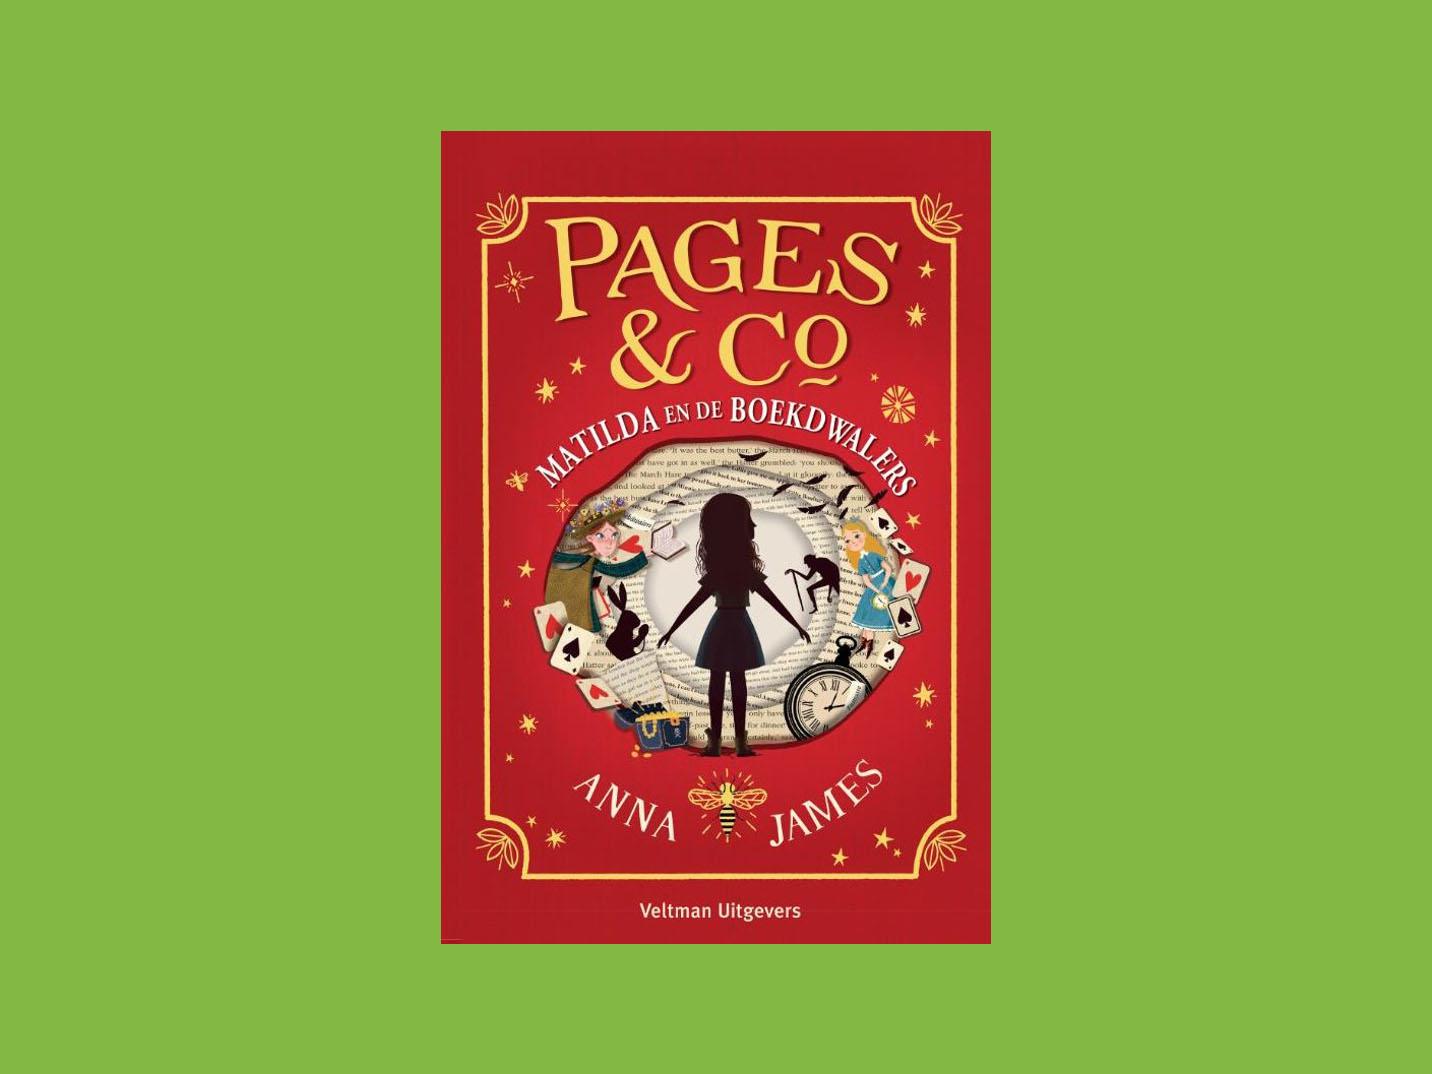 Boekbespreking Pages & Co. Mathilda en de boekdwalers